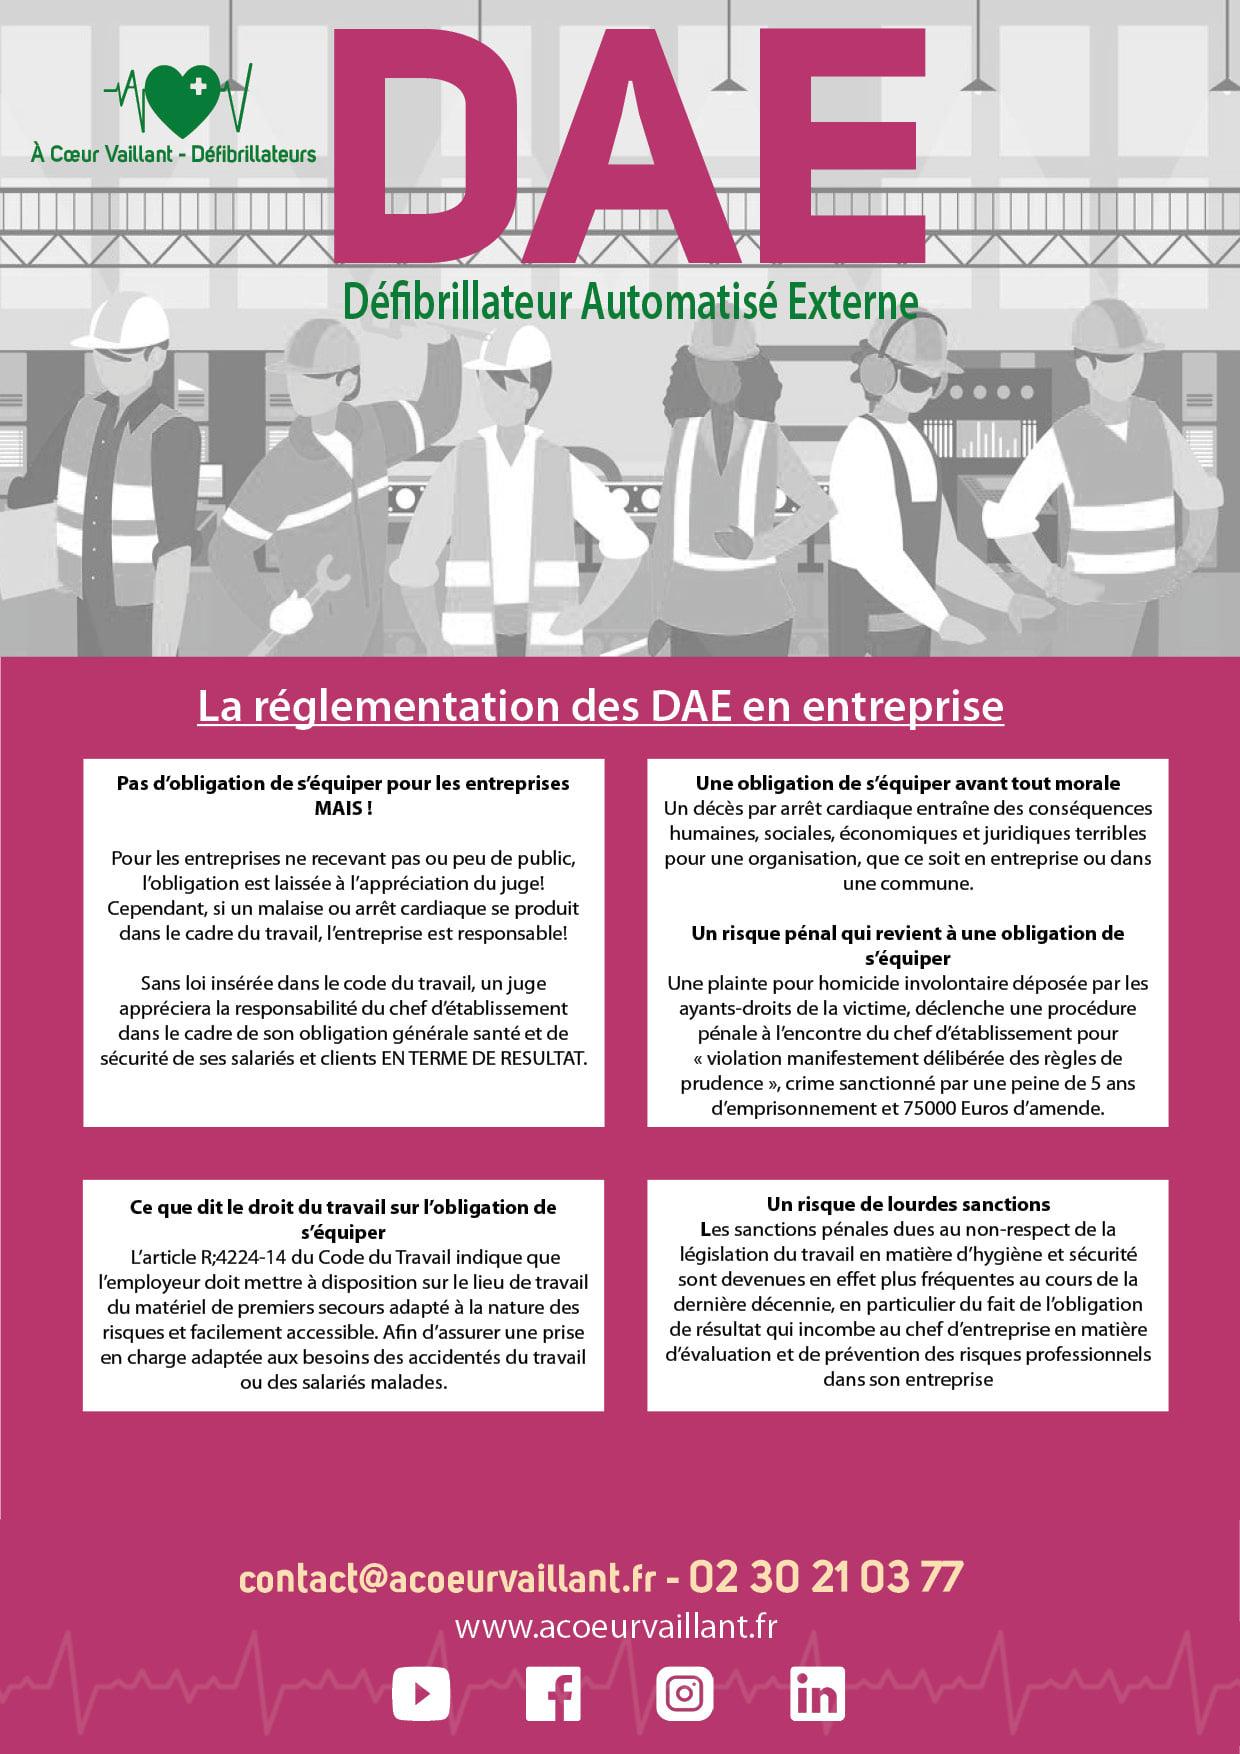 Défibrillateurs Entreprises et réglementation À Coeur Vaillant